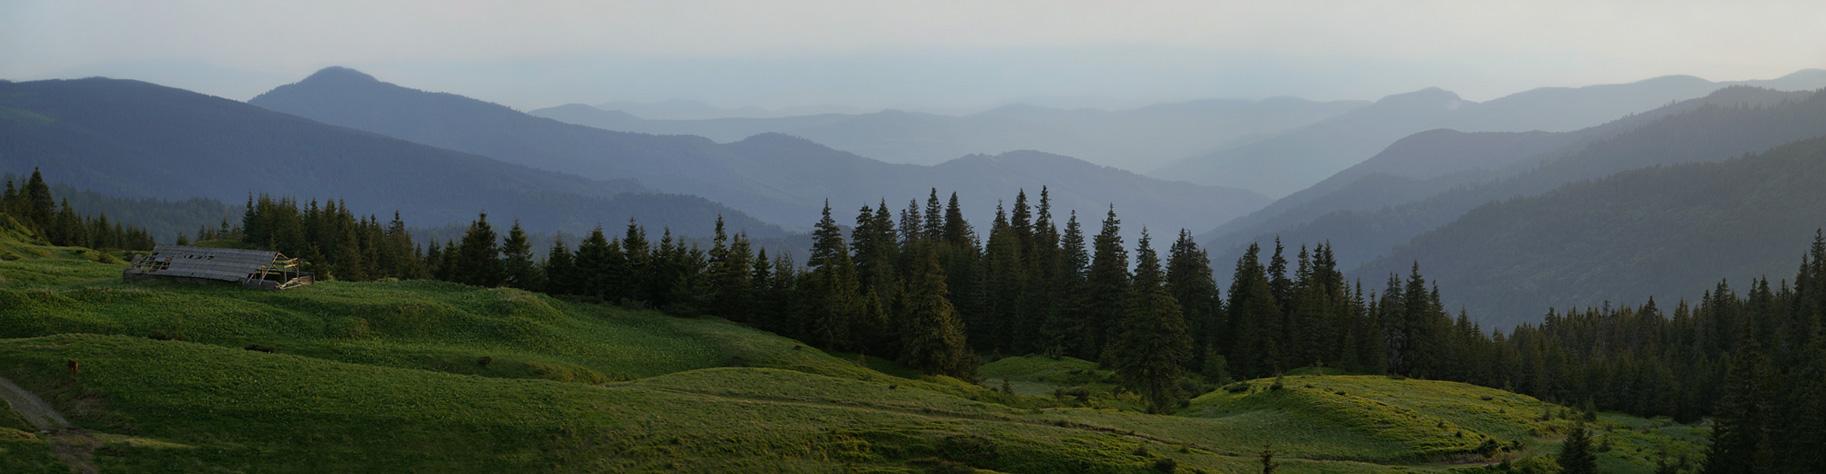 Мармароський масив. Вечір на полонині Лисича - 1470 м над р.м.